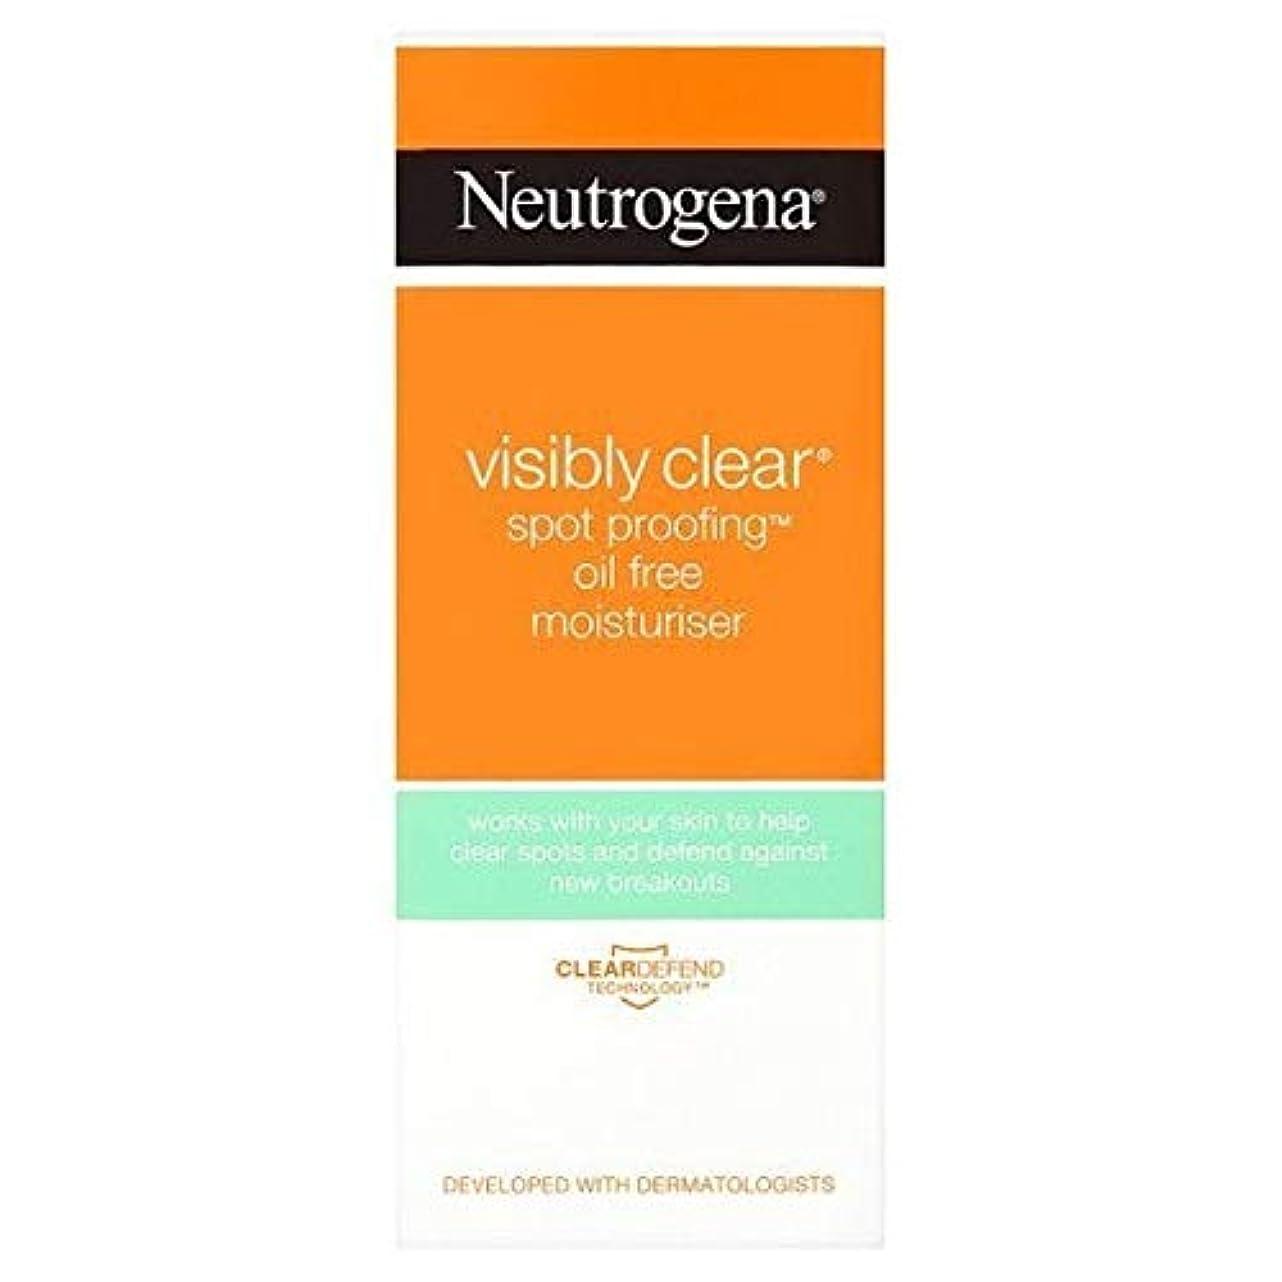 悲しい変形する疲れた[Neutrogena ] ニュートロジーナ目に見えて明らかスポットプルーフ保湿50ミリリットル - Neutrogena Visibly Clear Spot Proofing Moisturiser 50ml [並行輸入品]